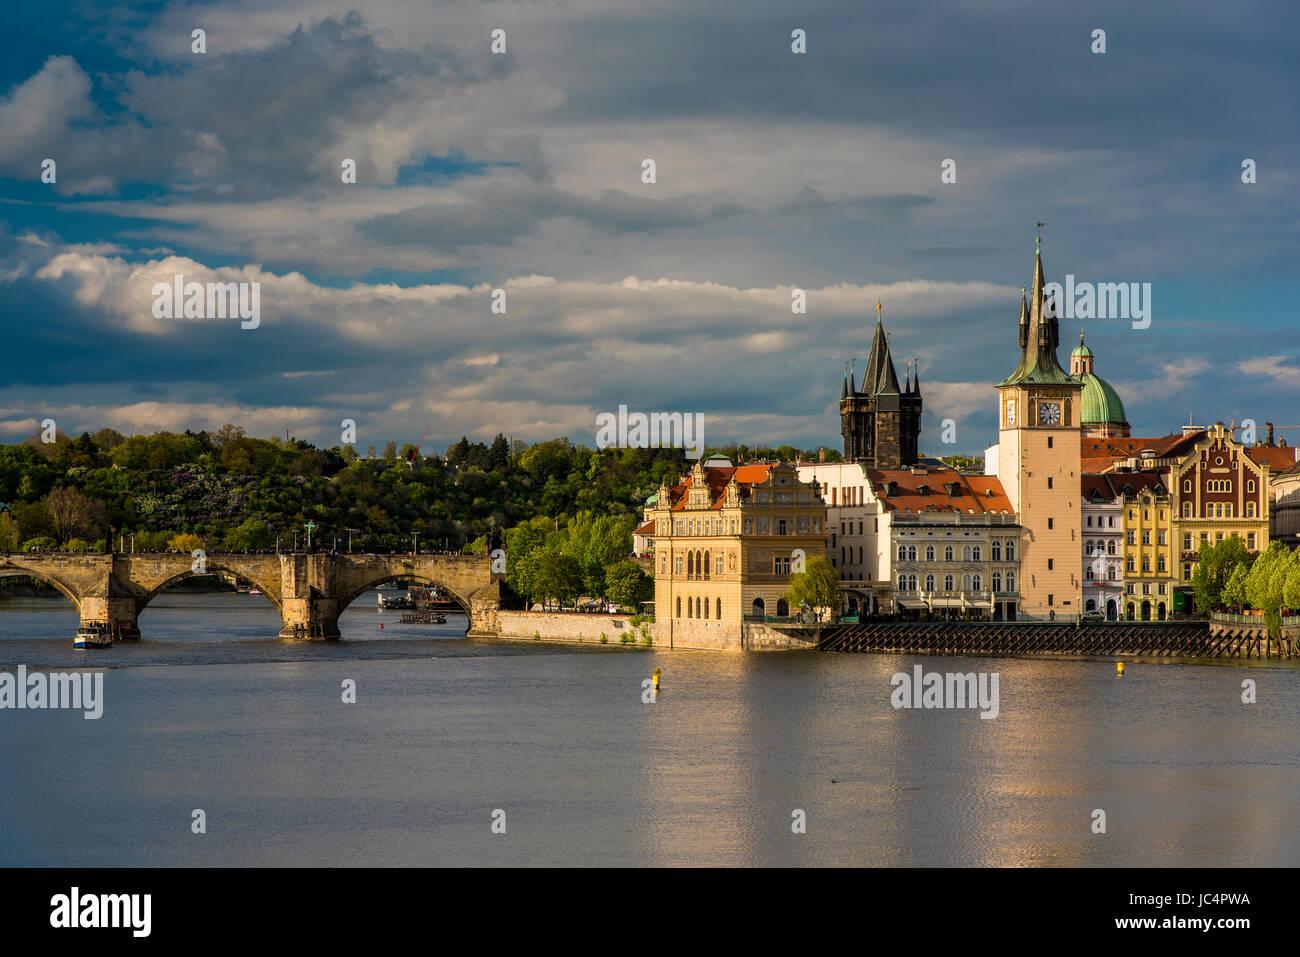 Vltava River and Smetana Museum, Prague, Bohemia, Czech Republic - Stock Image